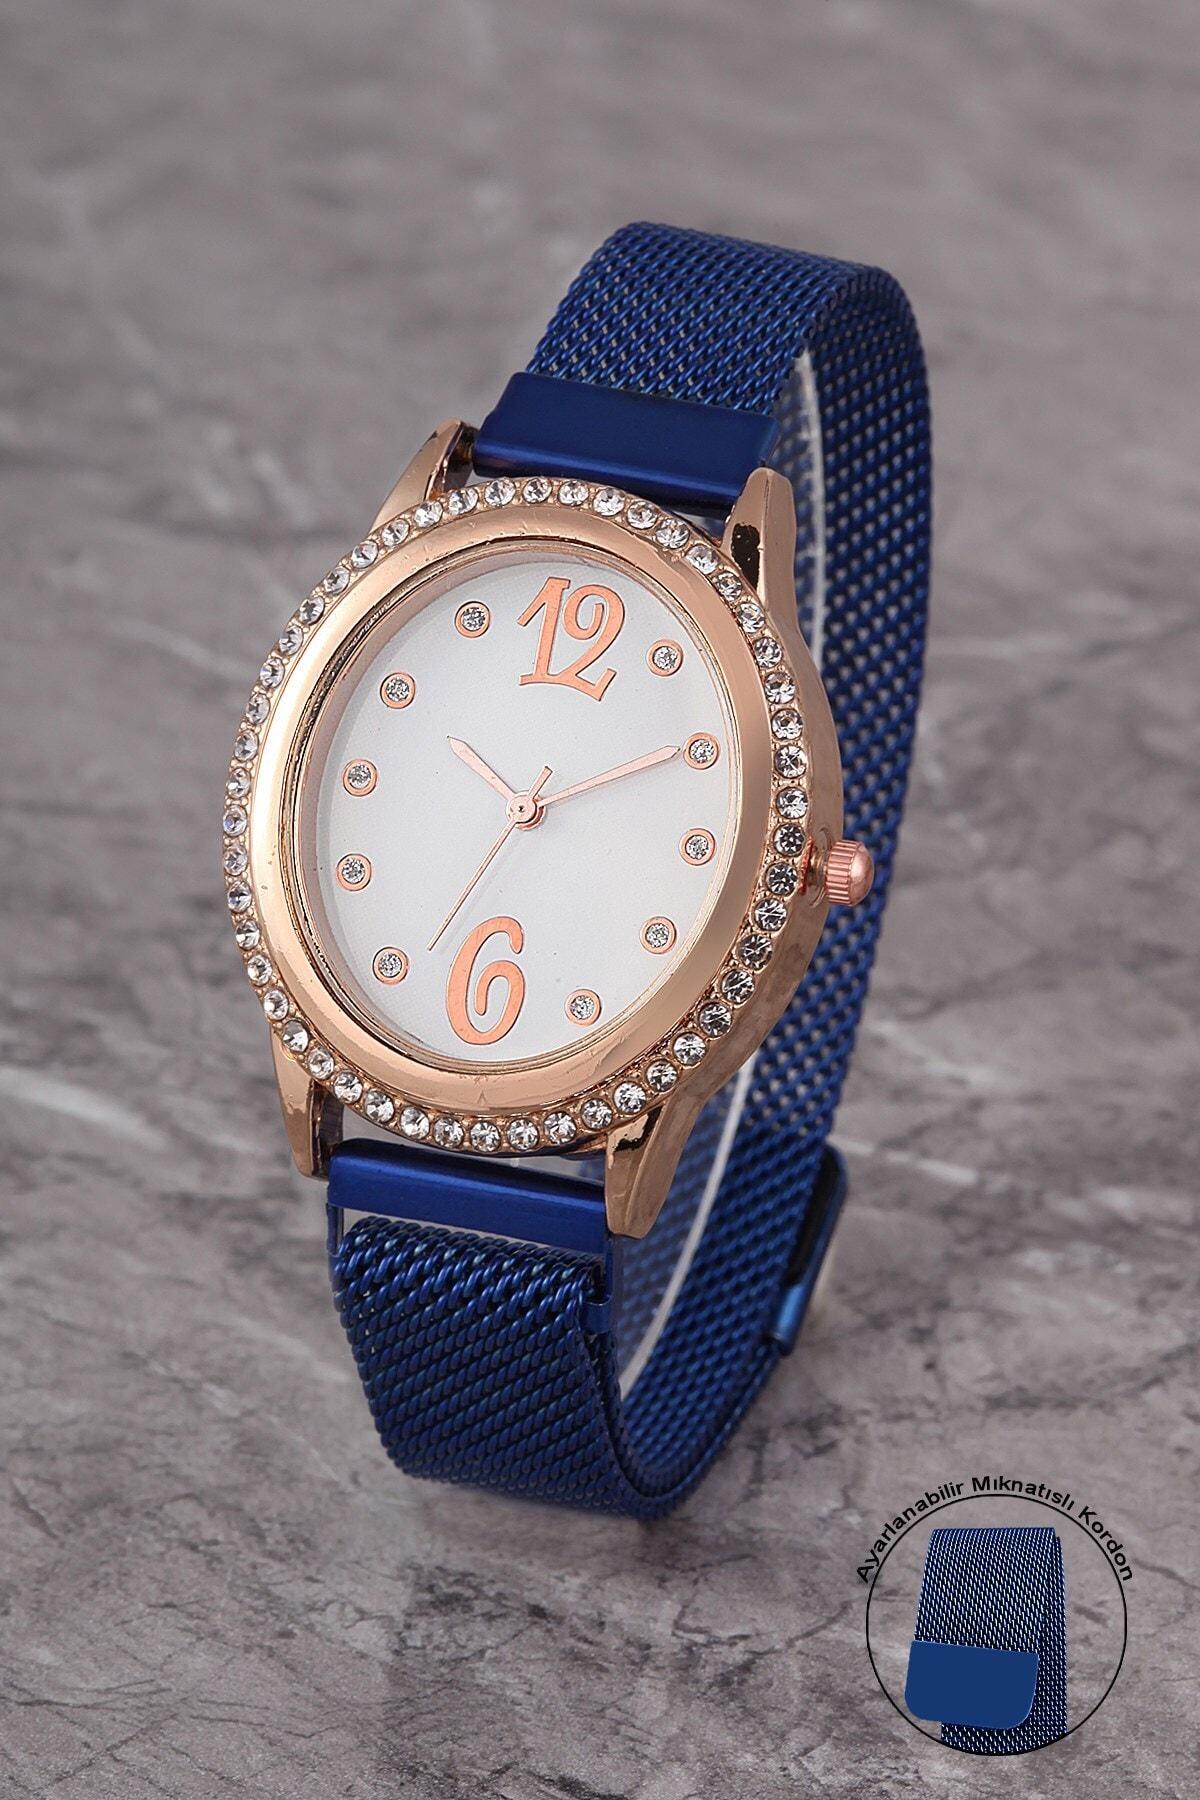 Polo55 Plkhm009r05 Kadın Saat Taşlı Şık Kadran Mıknatıslı Hasır Kordon 1